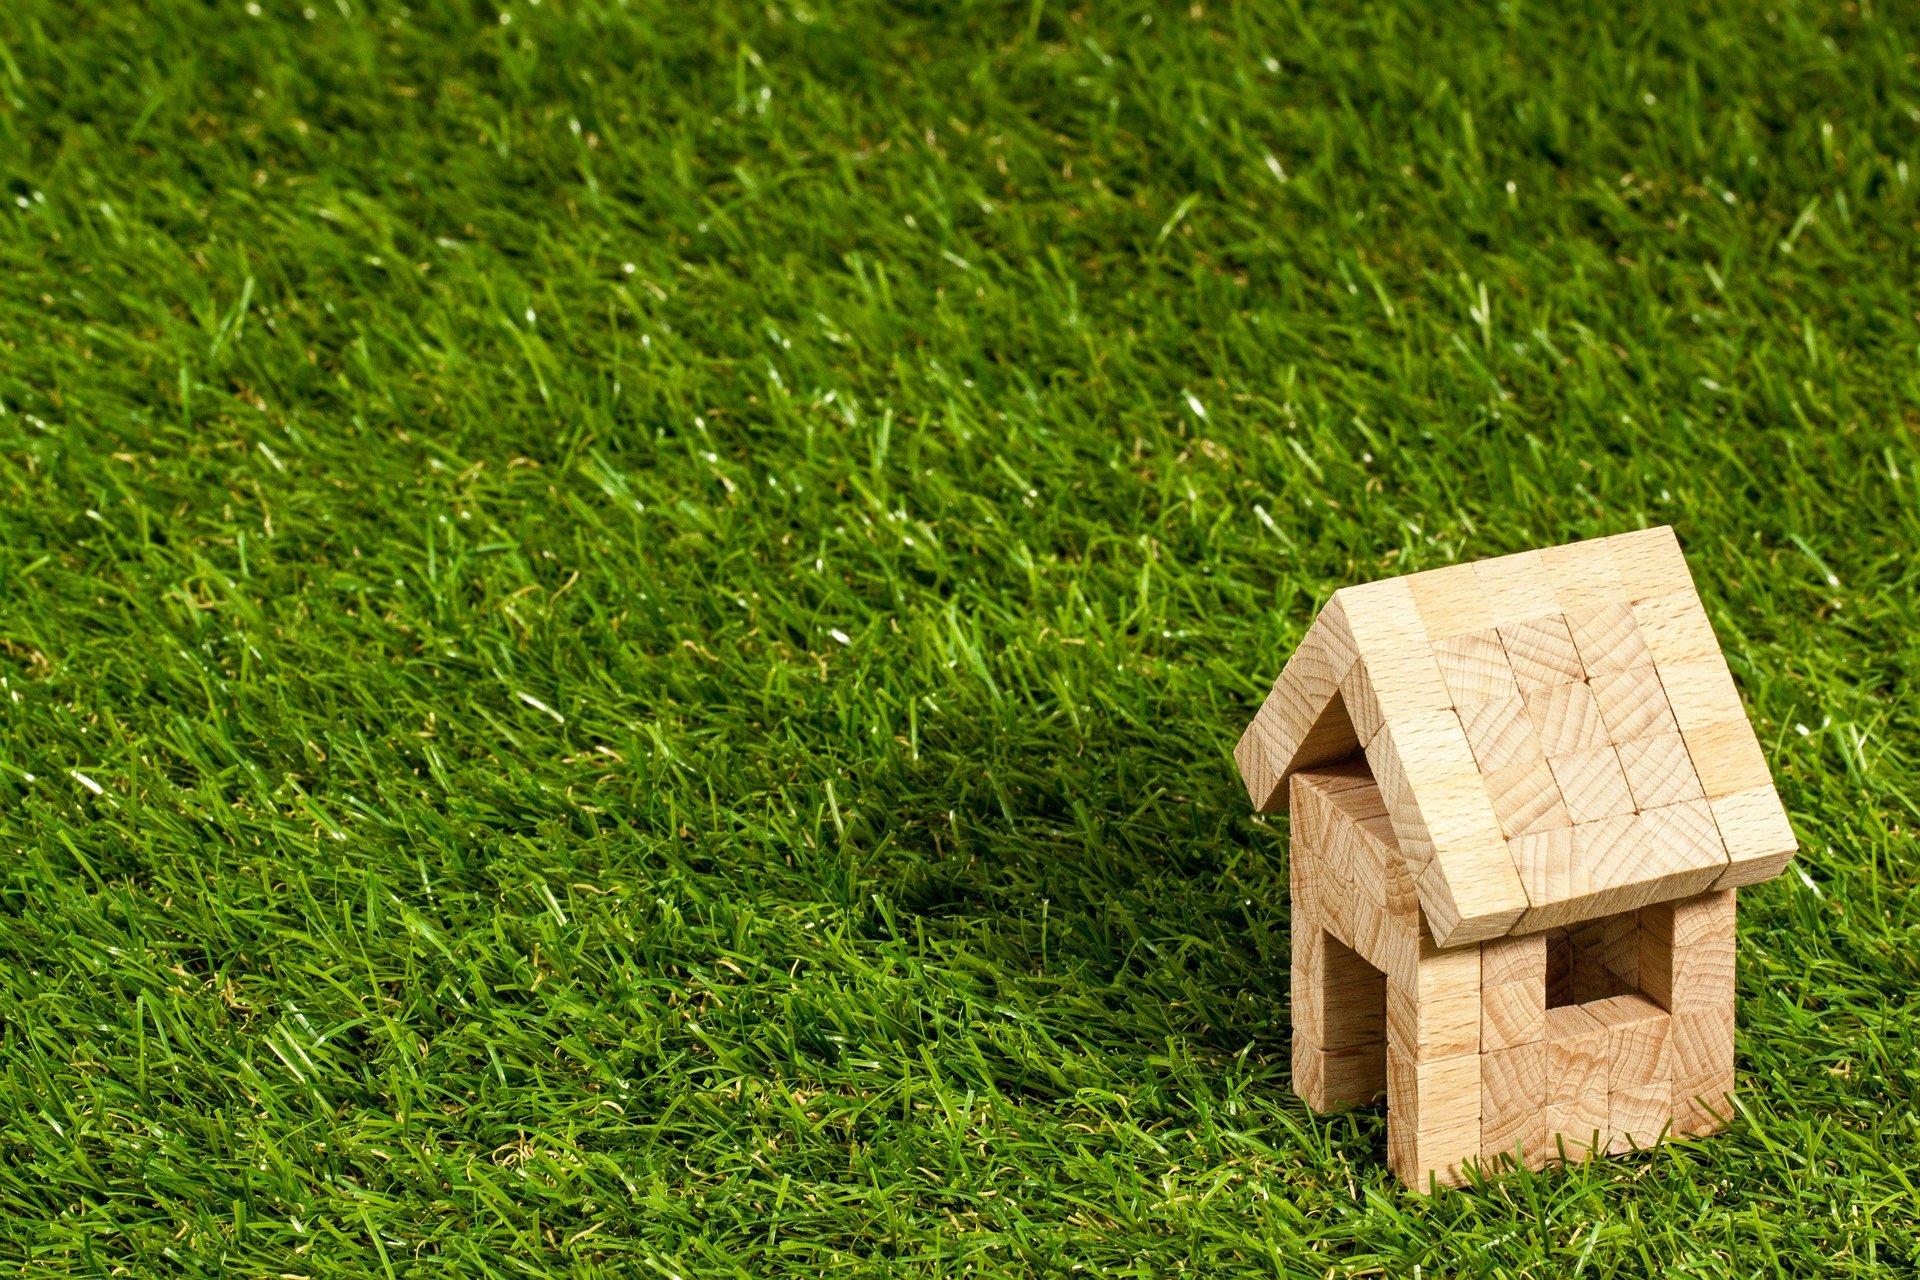 Direktmarketing und postalische Zusendungen durch Immobilienentwickler